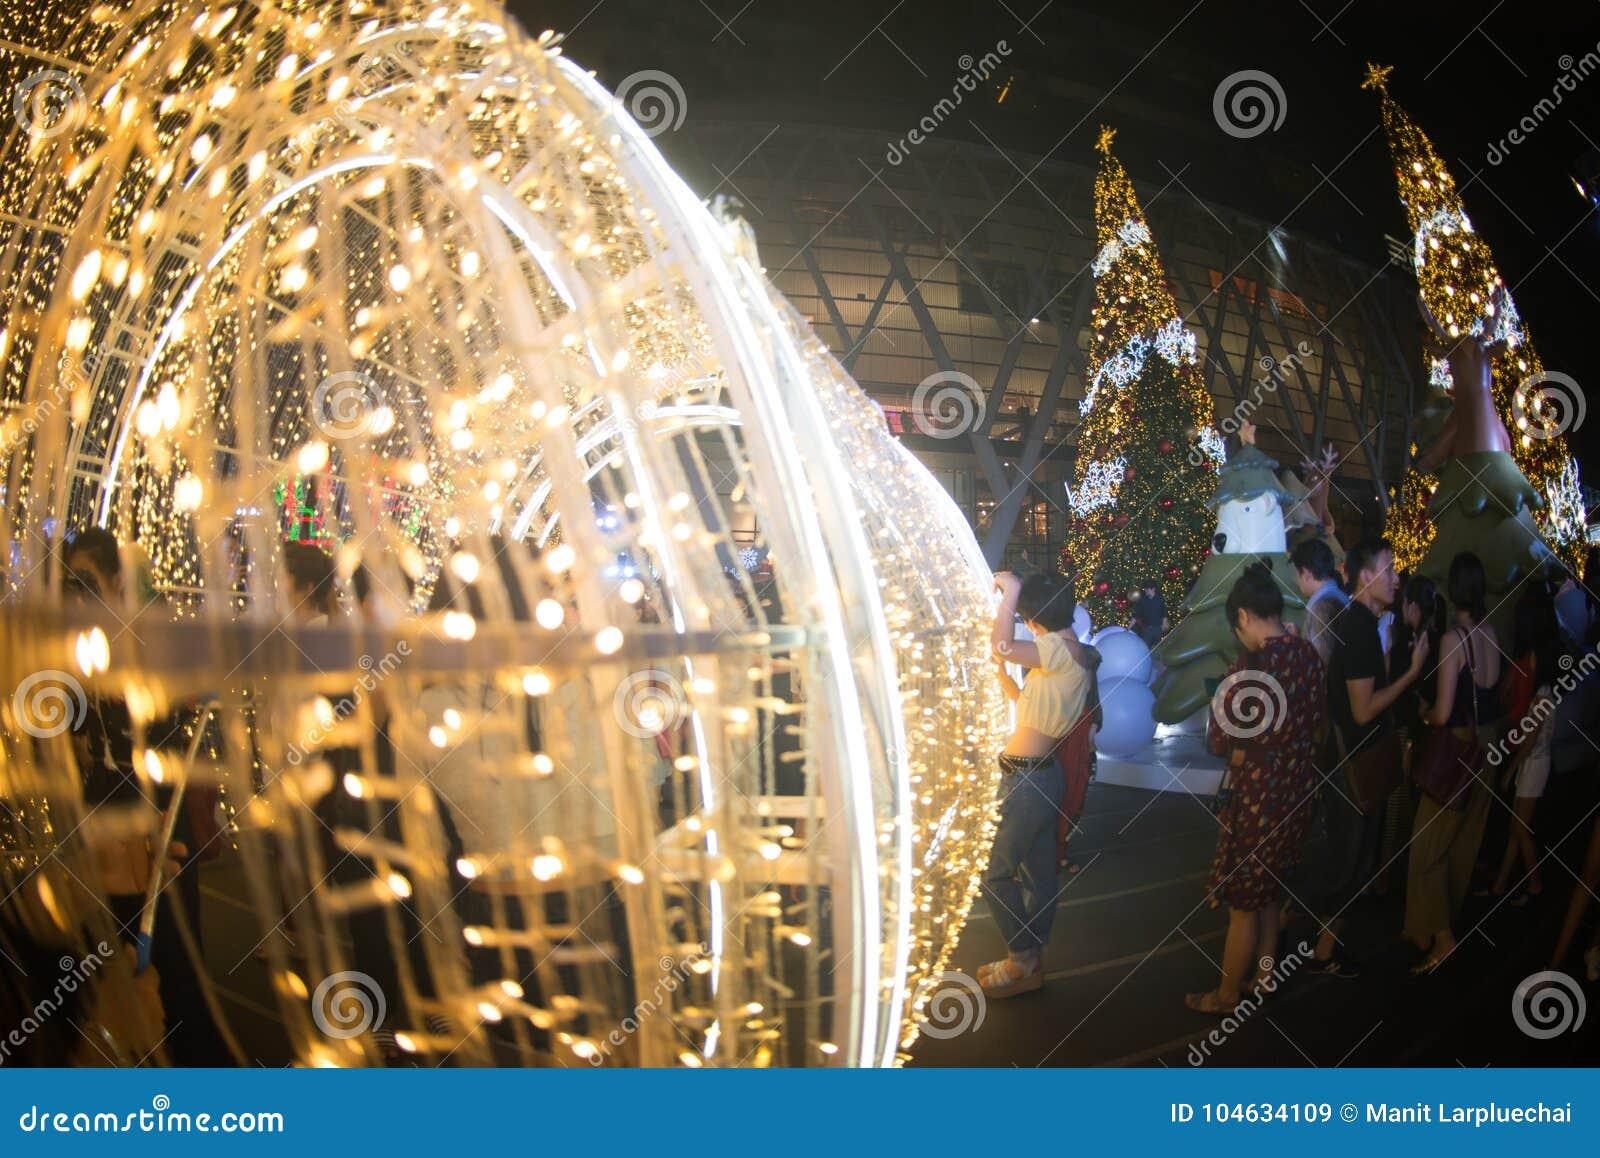 Download De Tunnel Van Licht Verfraait Mooi Op Kerstboomviering Redactionele Stock Afbeelding - Afbeelding bestaande uit viering, geluk: 104634109